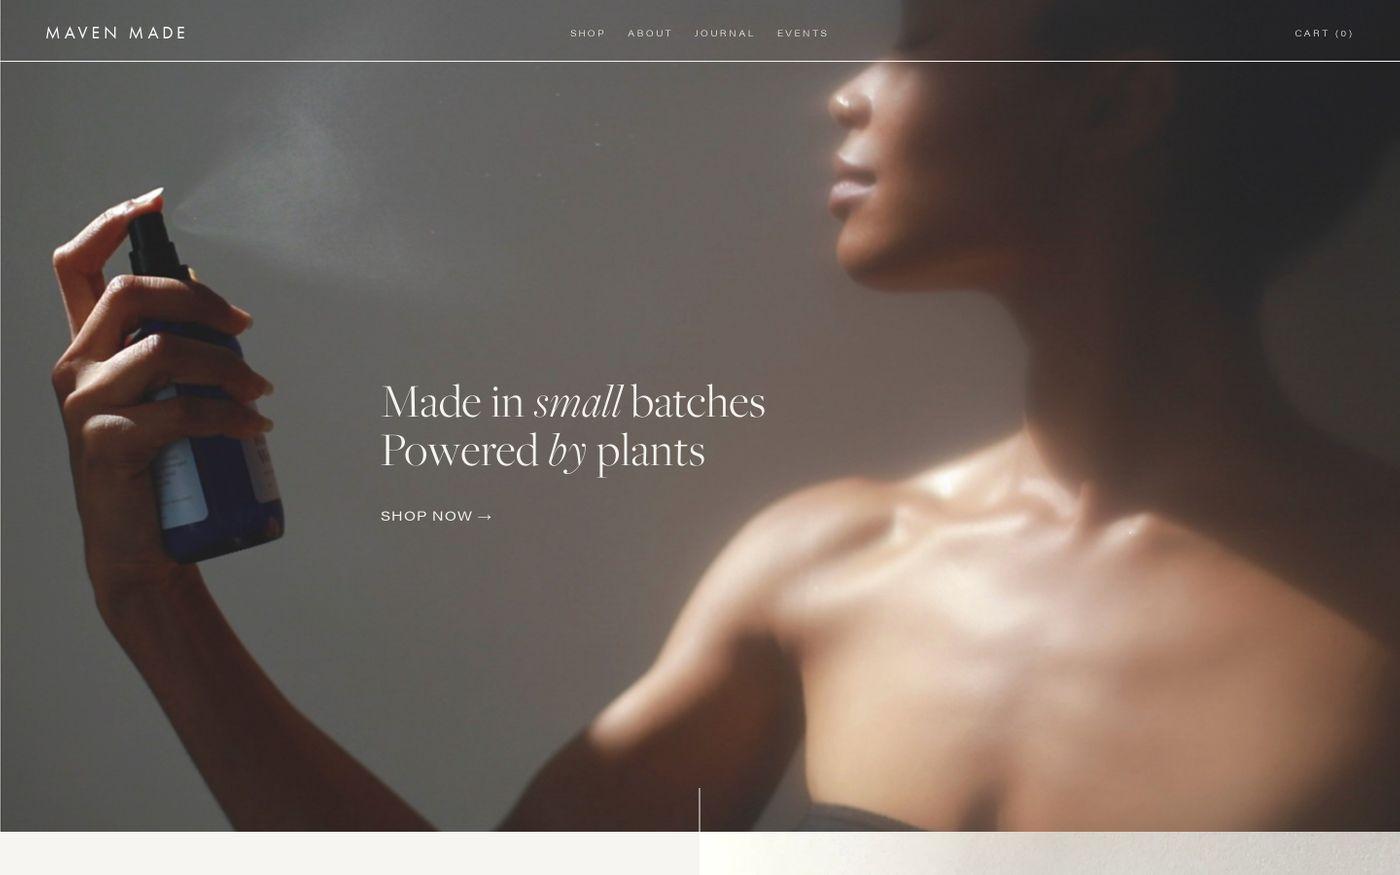 Screenshot of Maven Made website